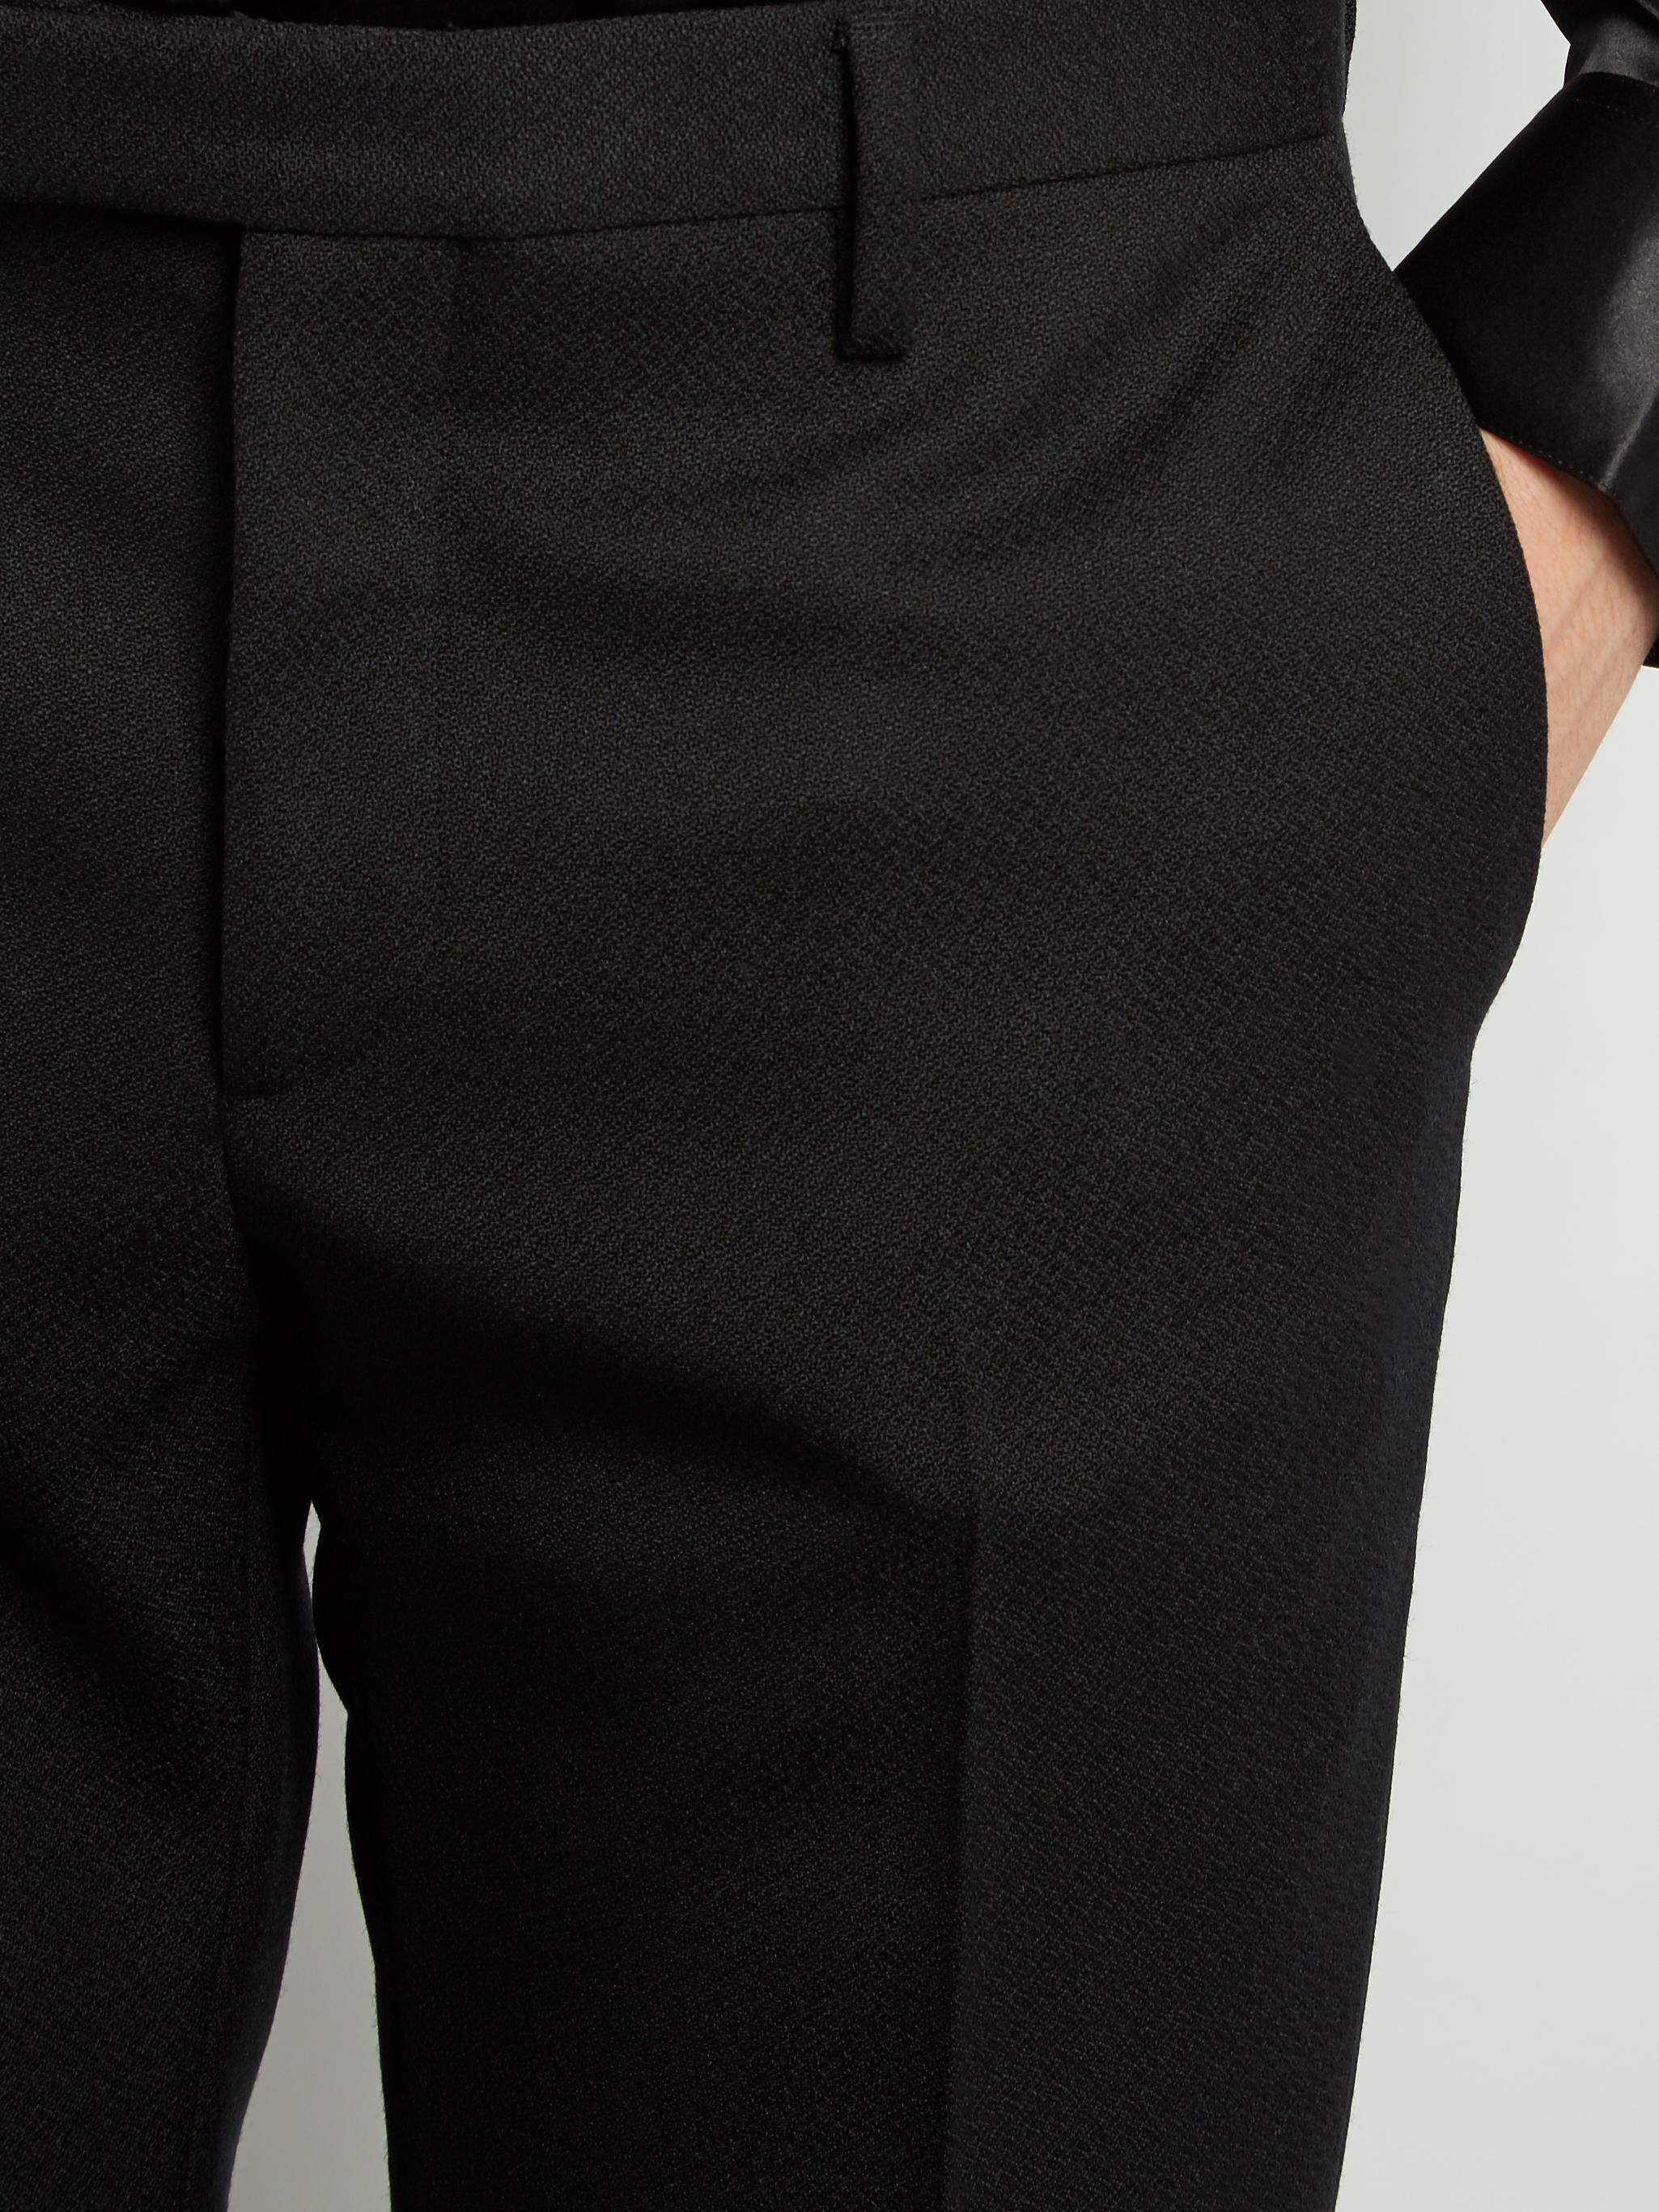 92d78dedb42 Saint Laurent Le Smoking Grain De Poudre Tuxedo Trousers in Black ...